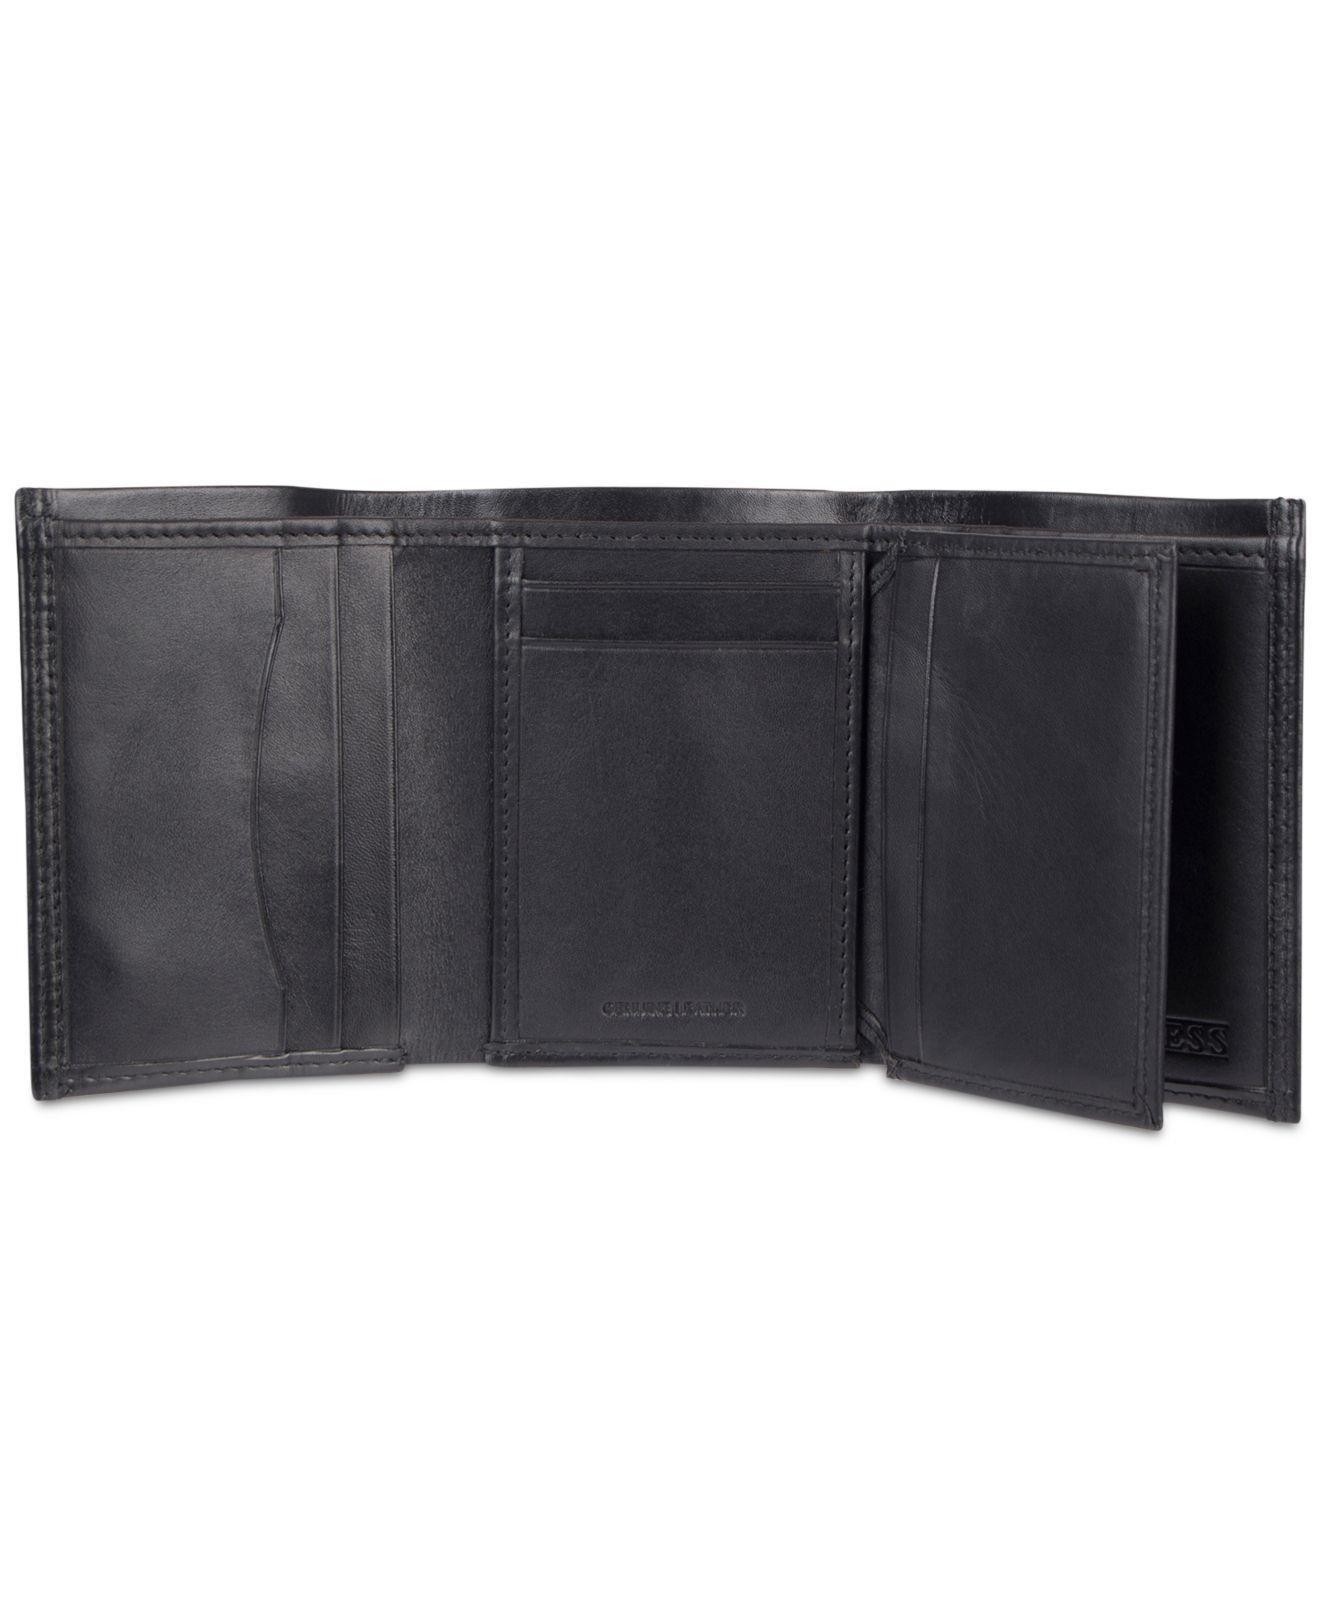 30b59c71dca Lyst - Guess Wallet